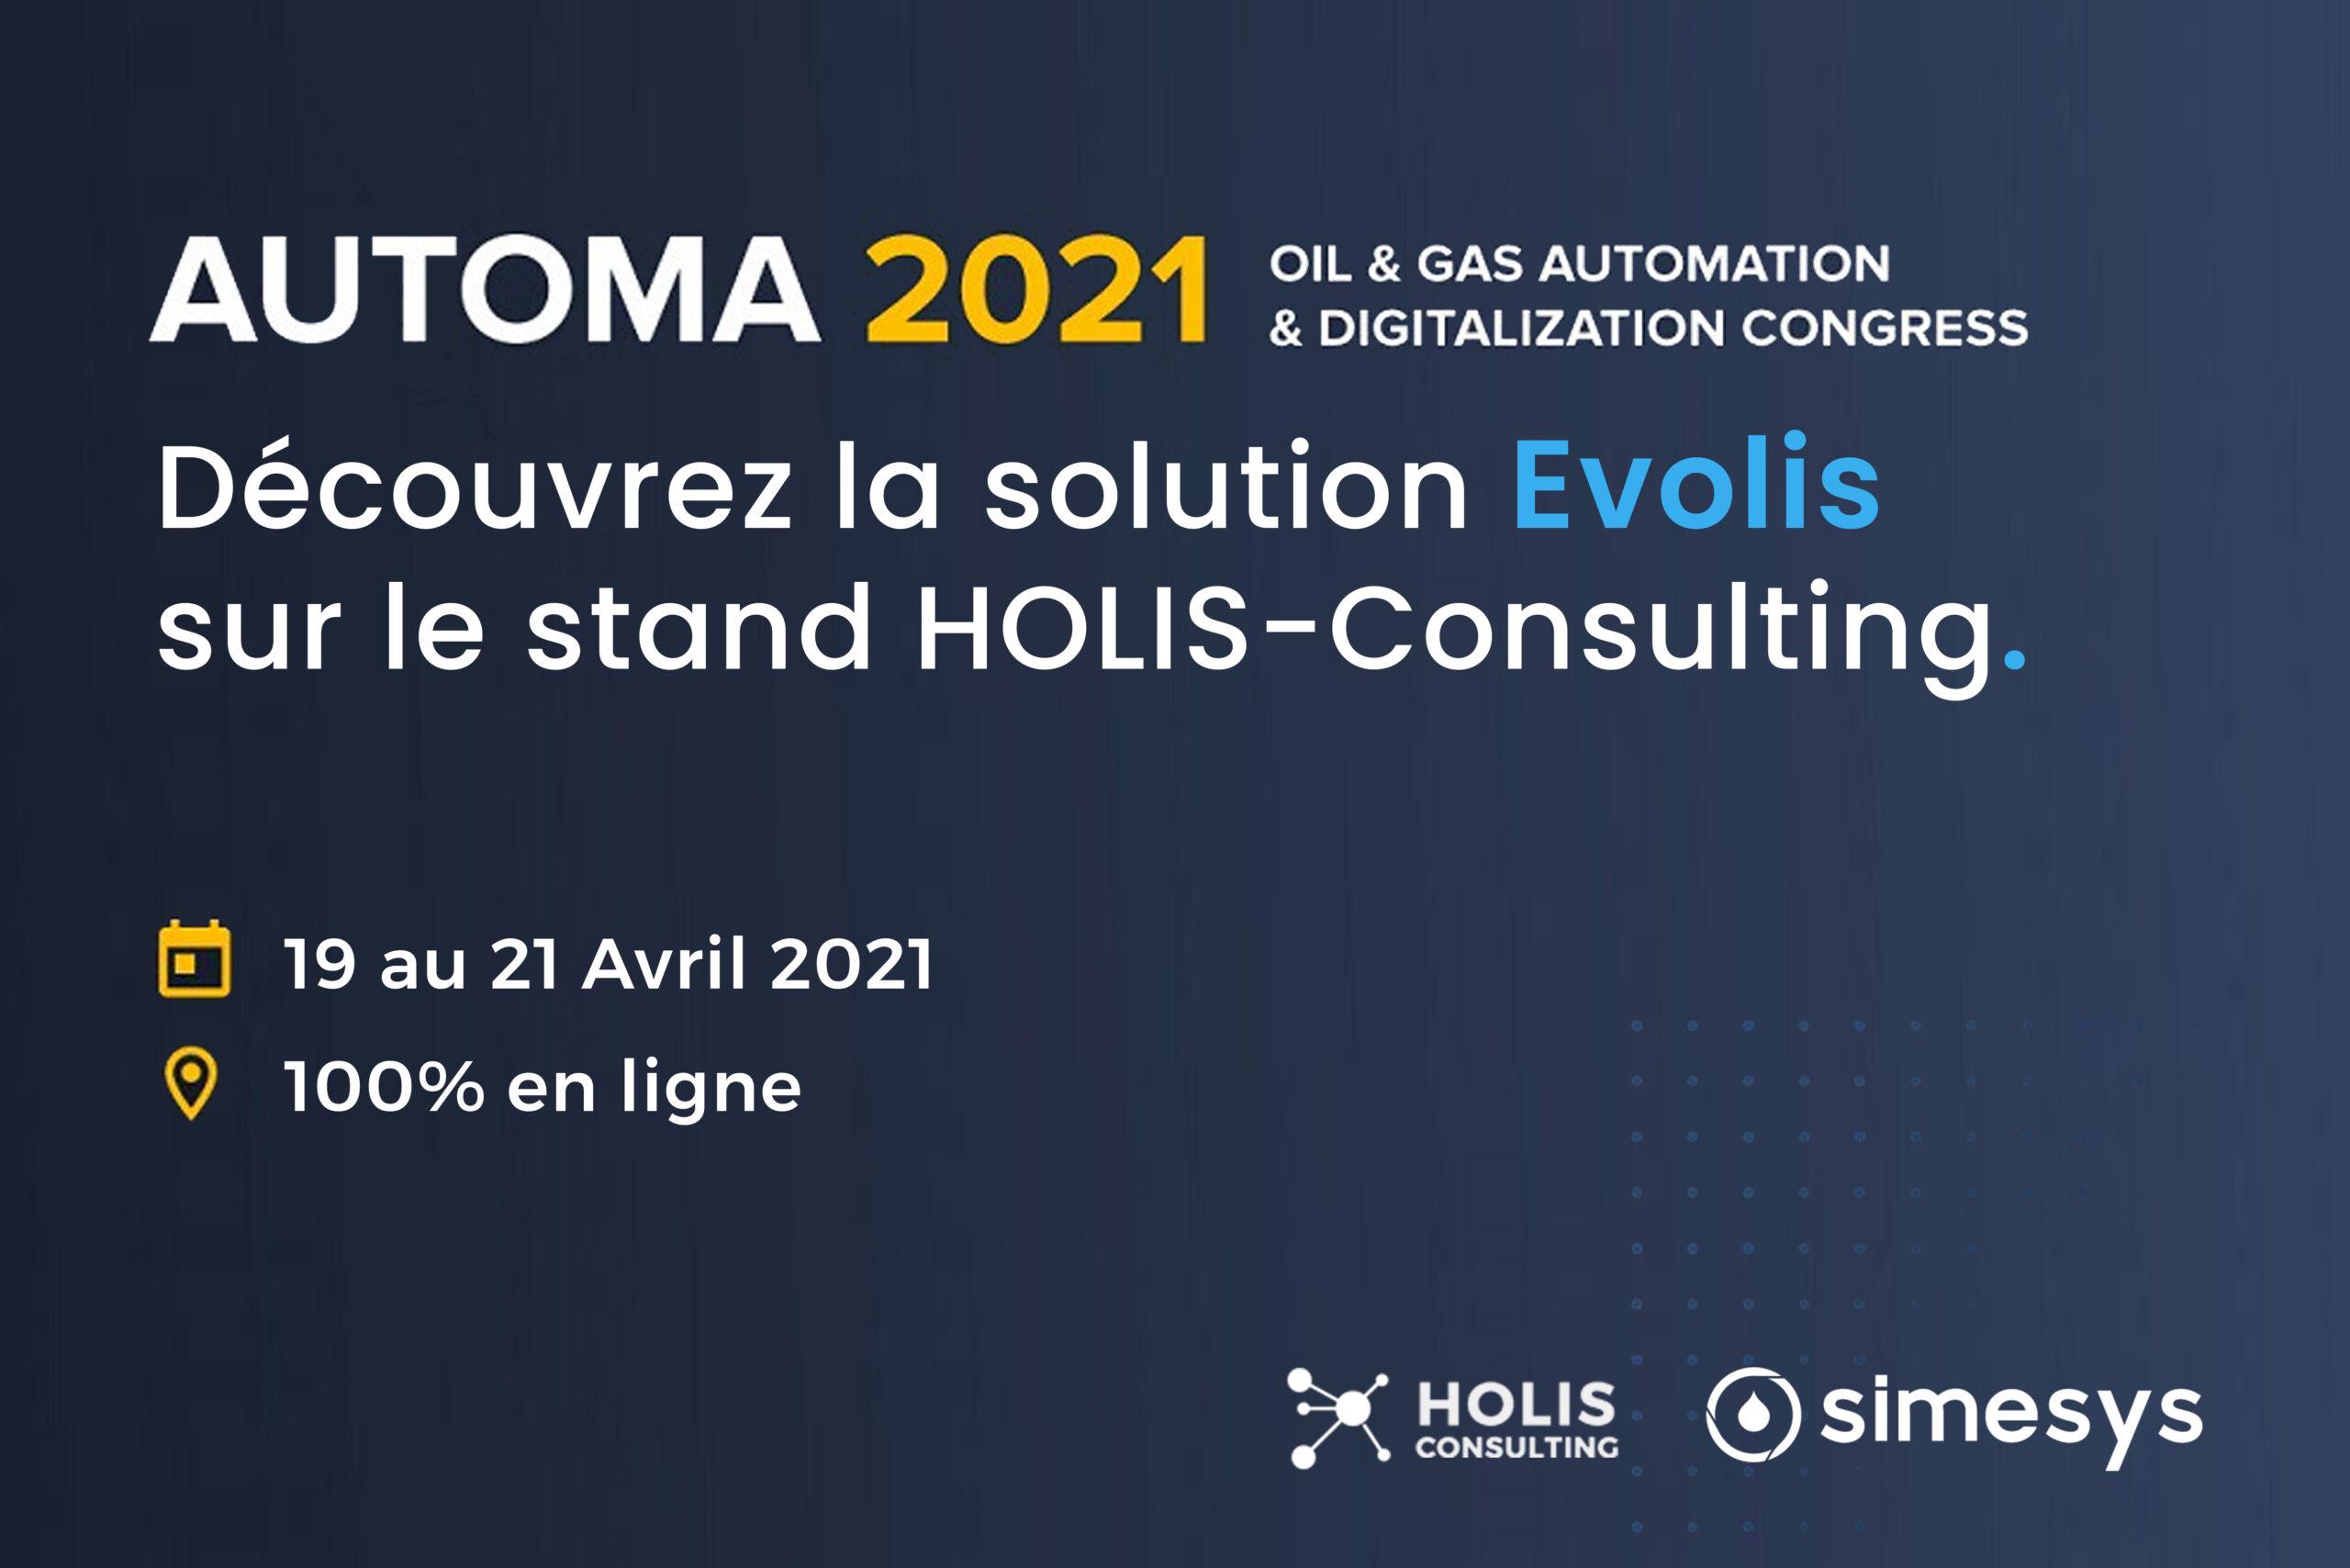 Evolis Automa 2021 : Découvrez la solution sur le stand Holis-Consulting